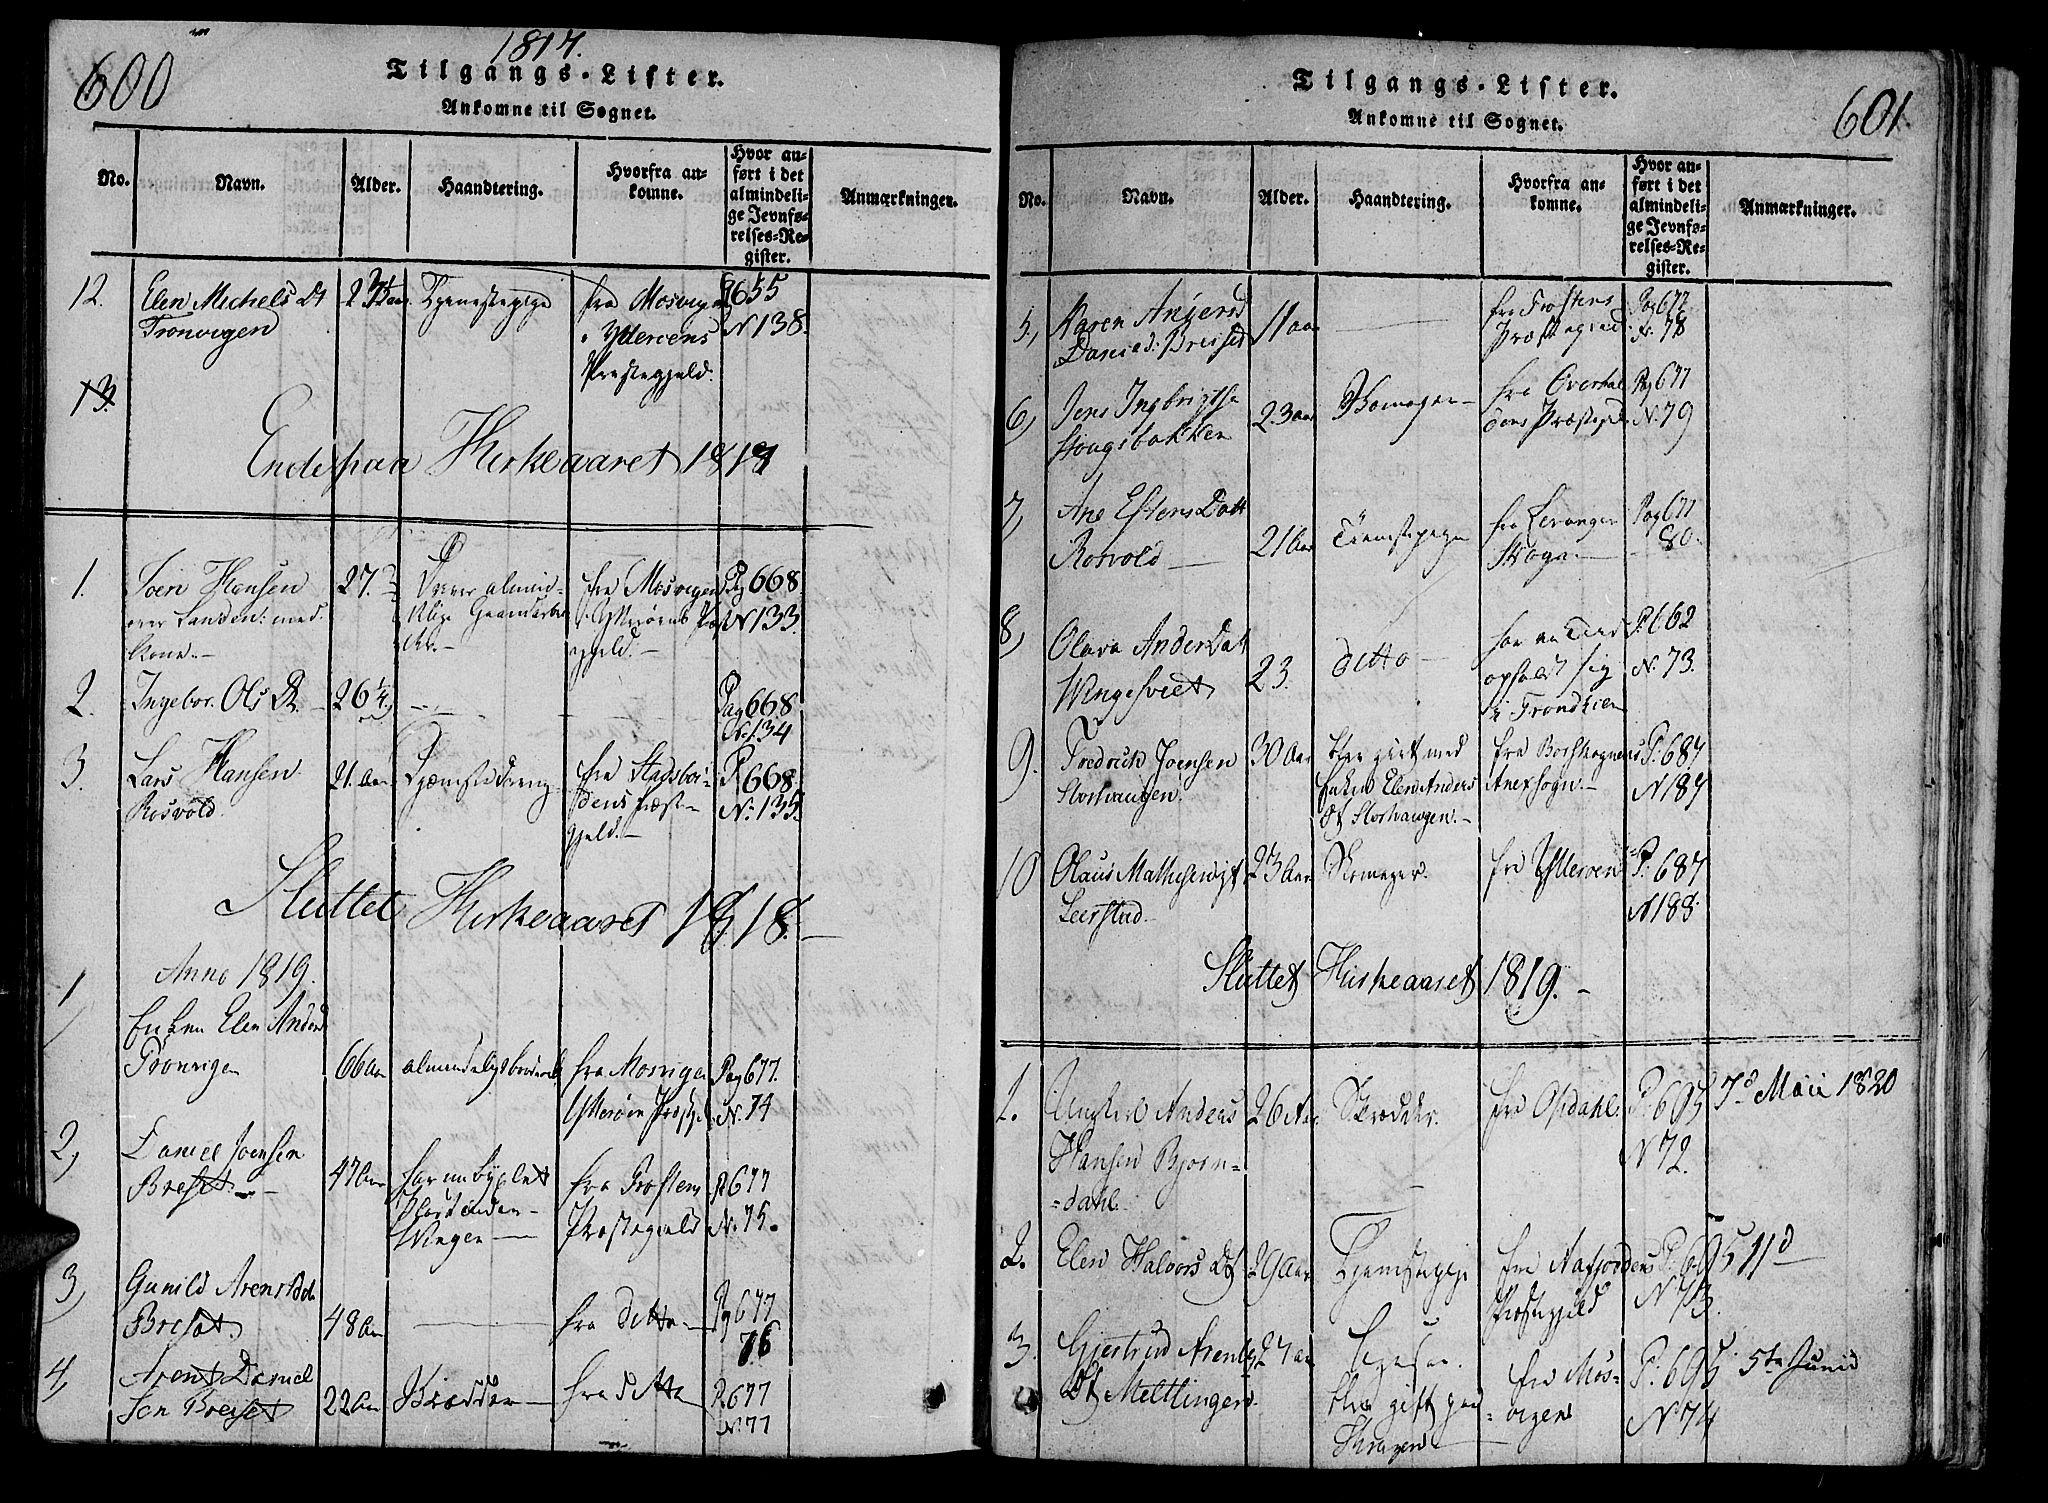 SAT, Ministerialprotokoller, klokkerbøker og fødselsregistre - Nord-Trøndelag, 701/L0005: Ministerialbok nr. 701A05 /1, 1816-1825, s. 600-601